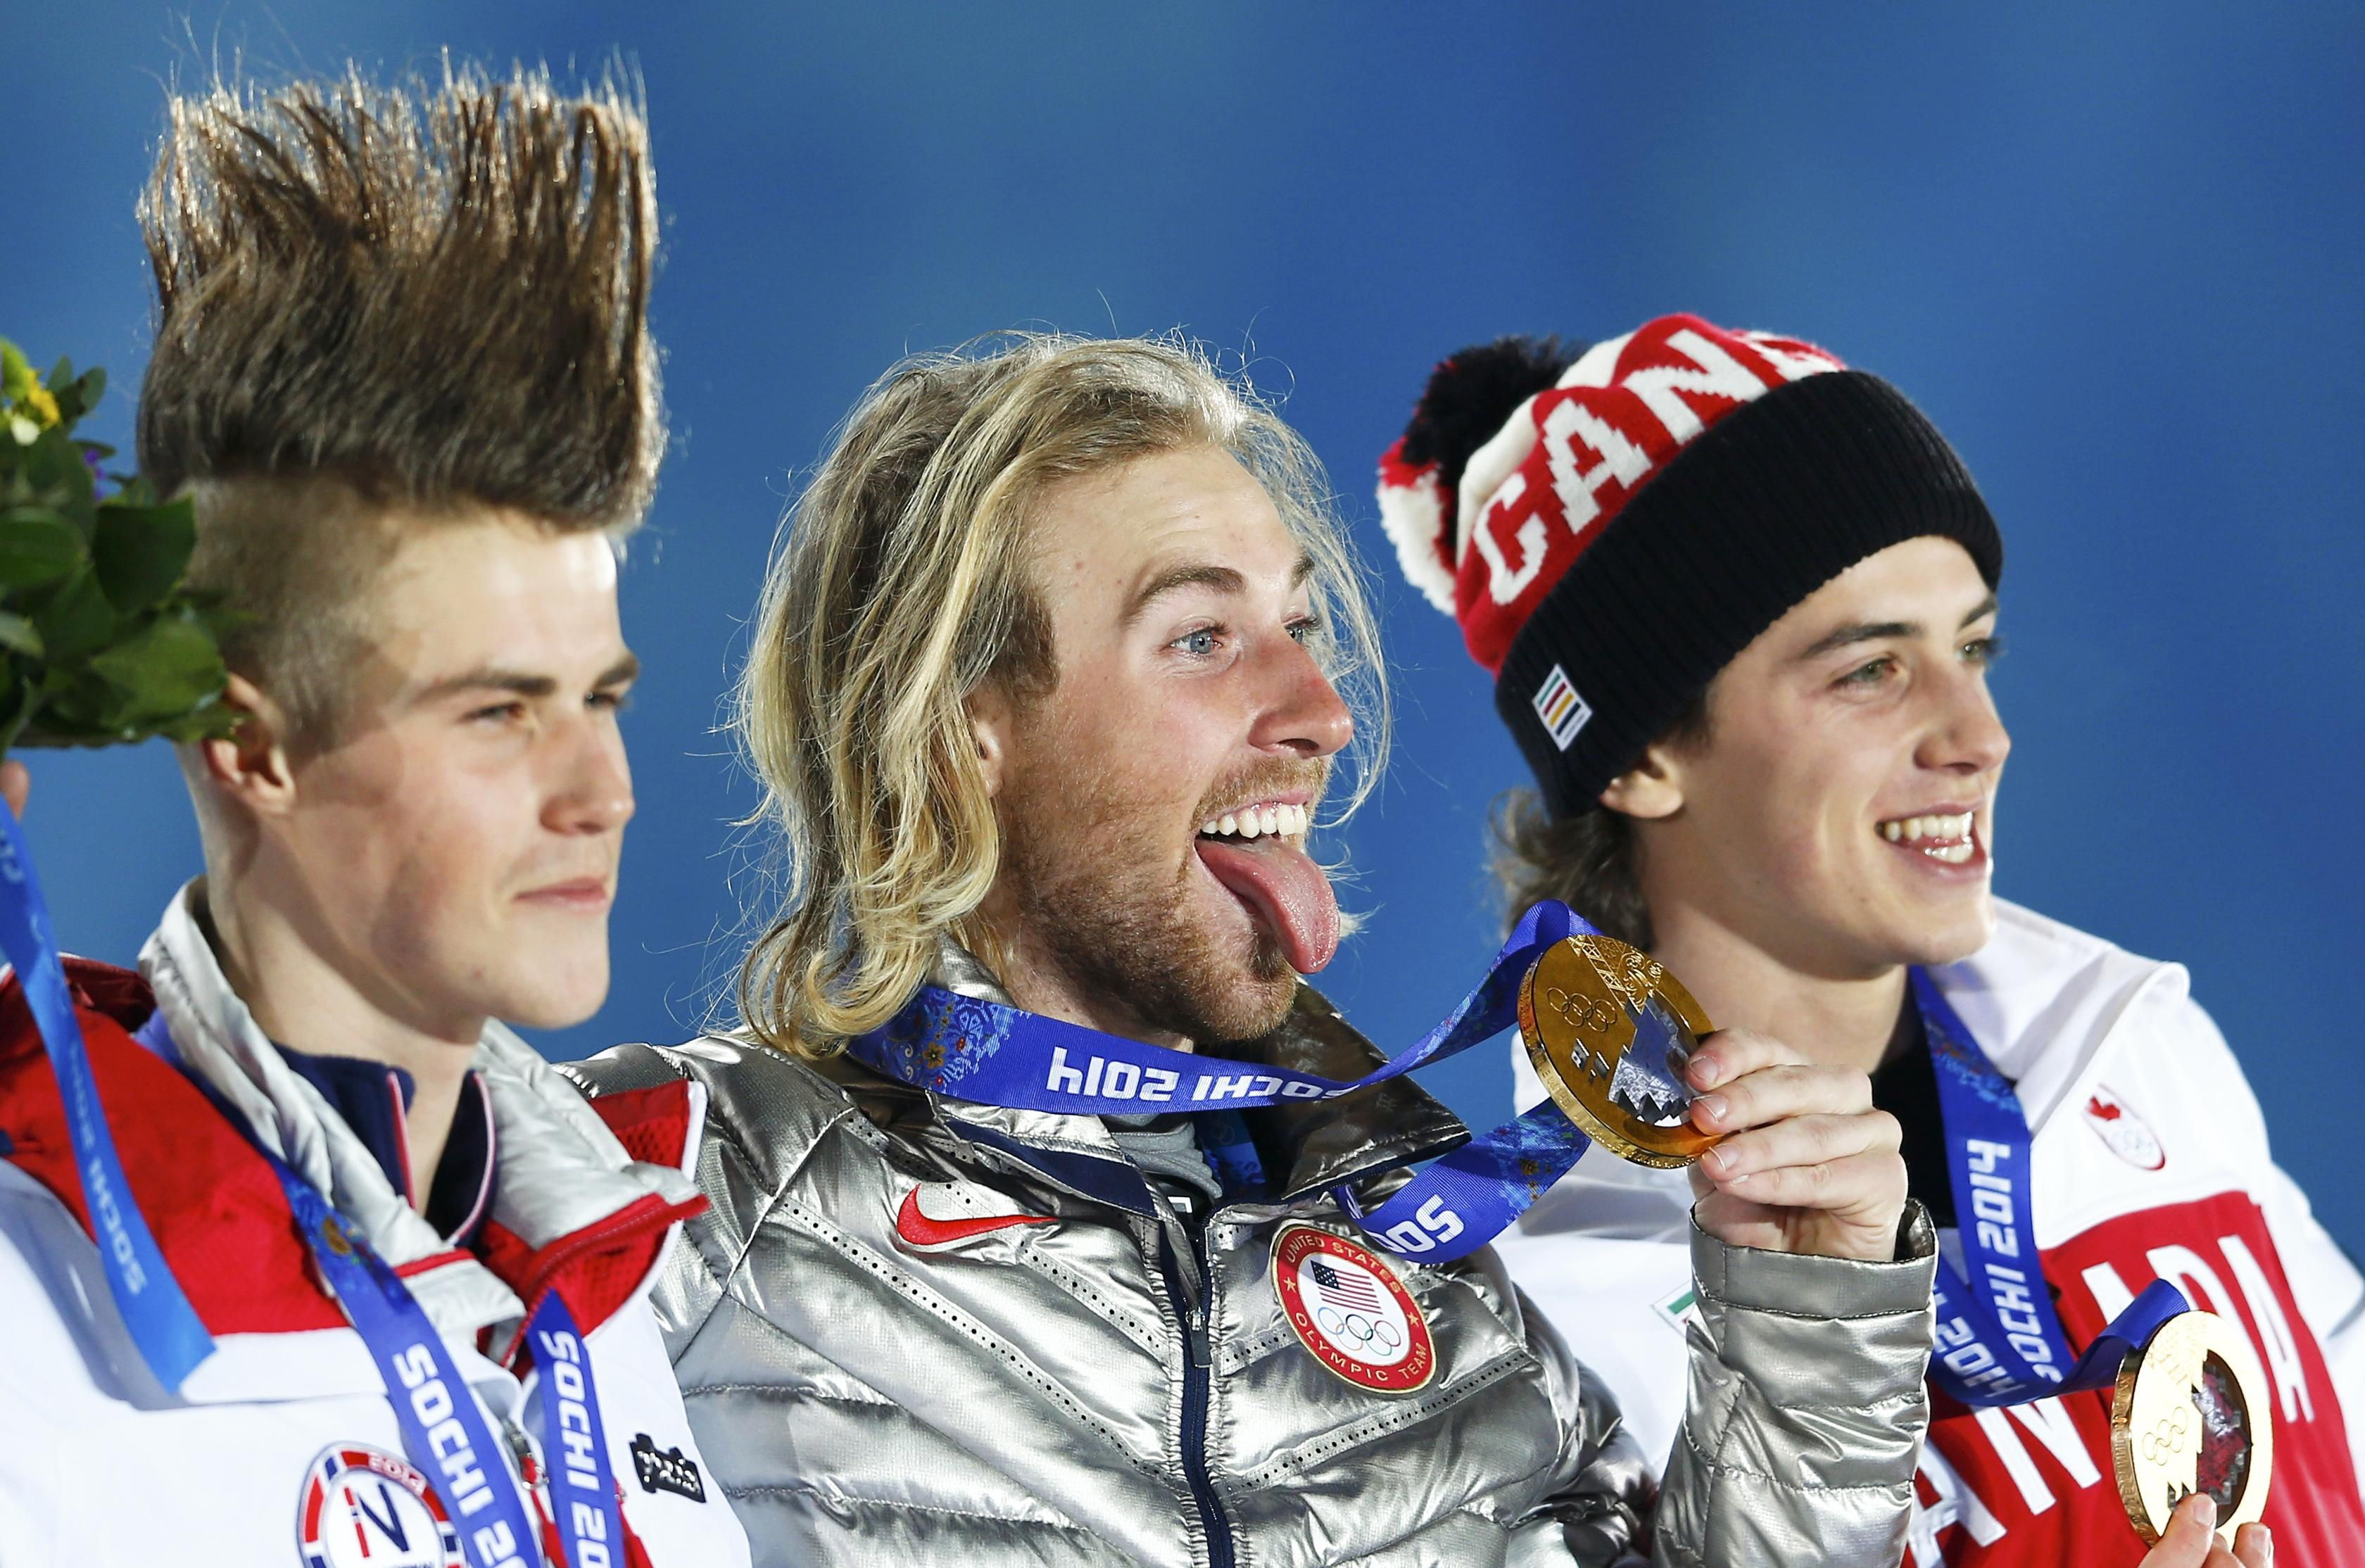 Estados Unidos obtuvo la primera medalla de oro entregada en los Juegos Olímpicos: el ganador, Sage Kotsenburg en la competencia slopestyle.